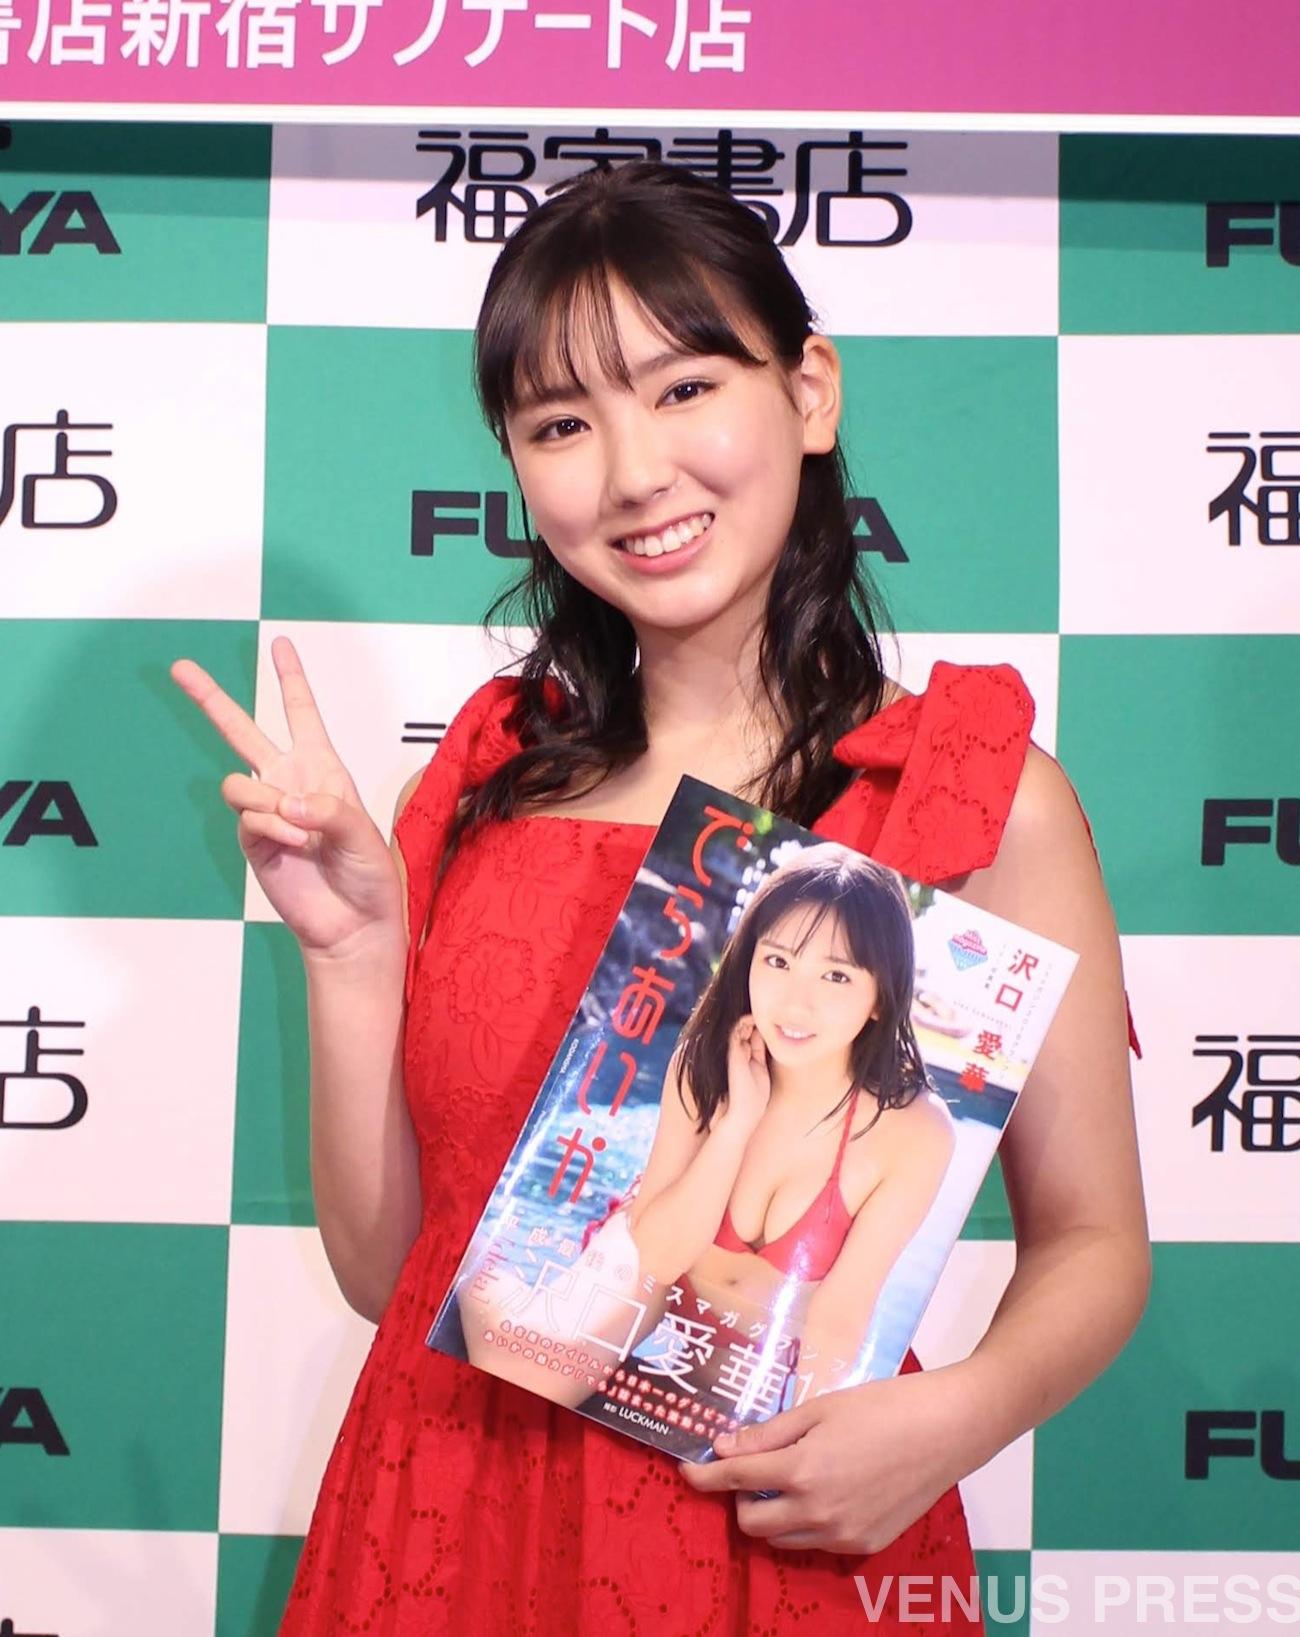 沢口愛華/2019年3月30日、取材にて:撮影 VENUS PRESS編集部